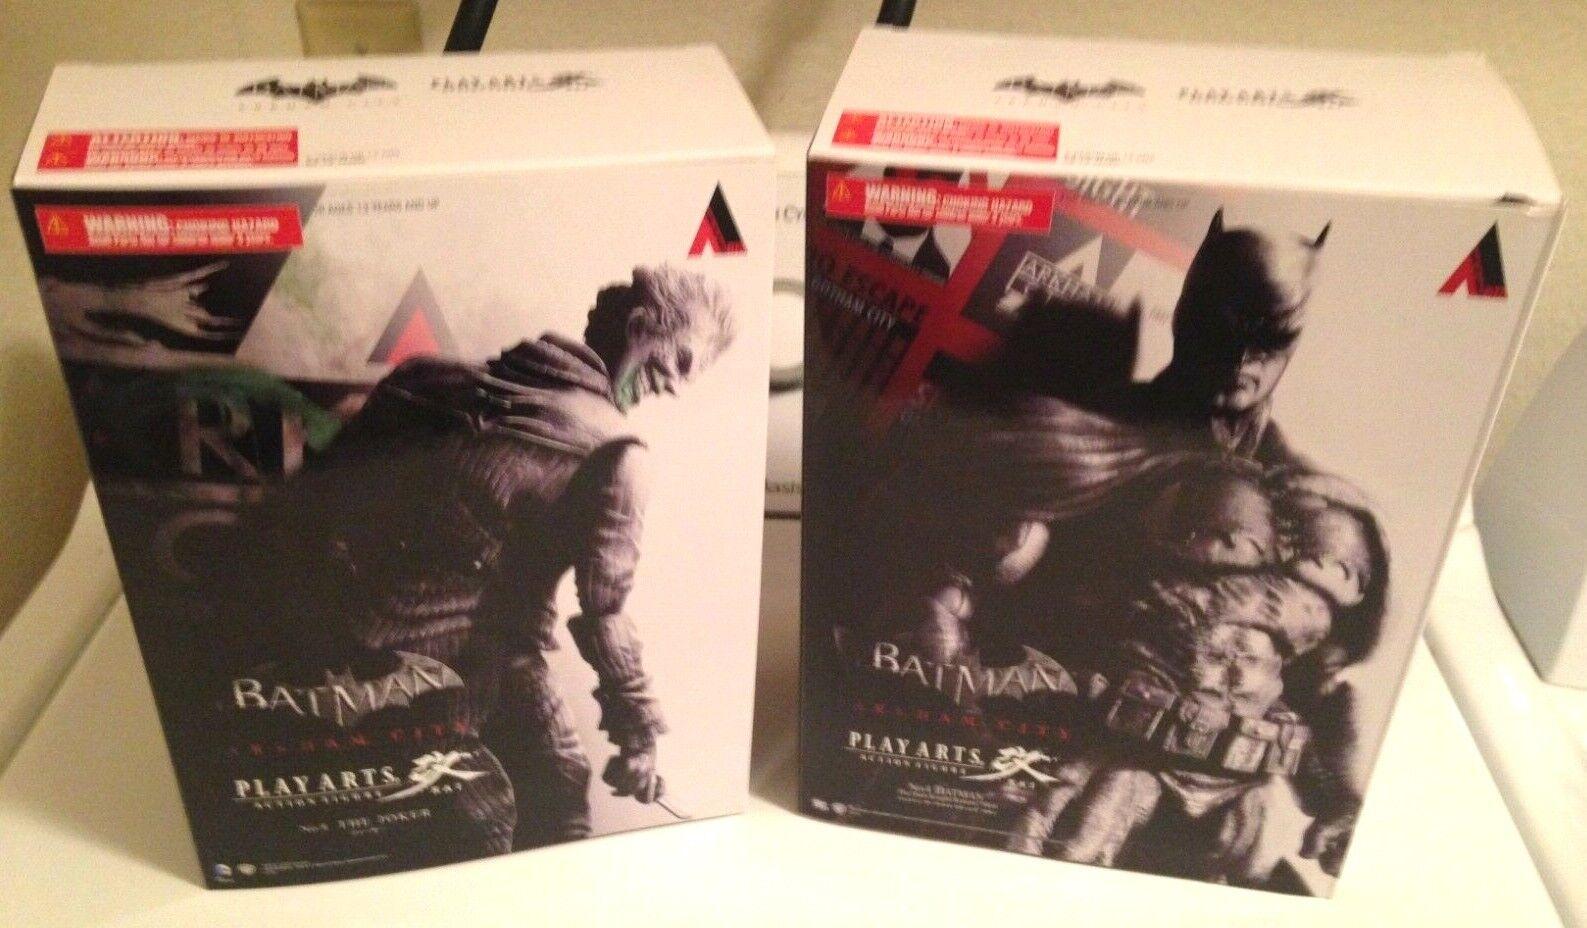 Batuomo & Joker Play Arts Kai SEALED nuovo giocattoli